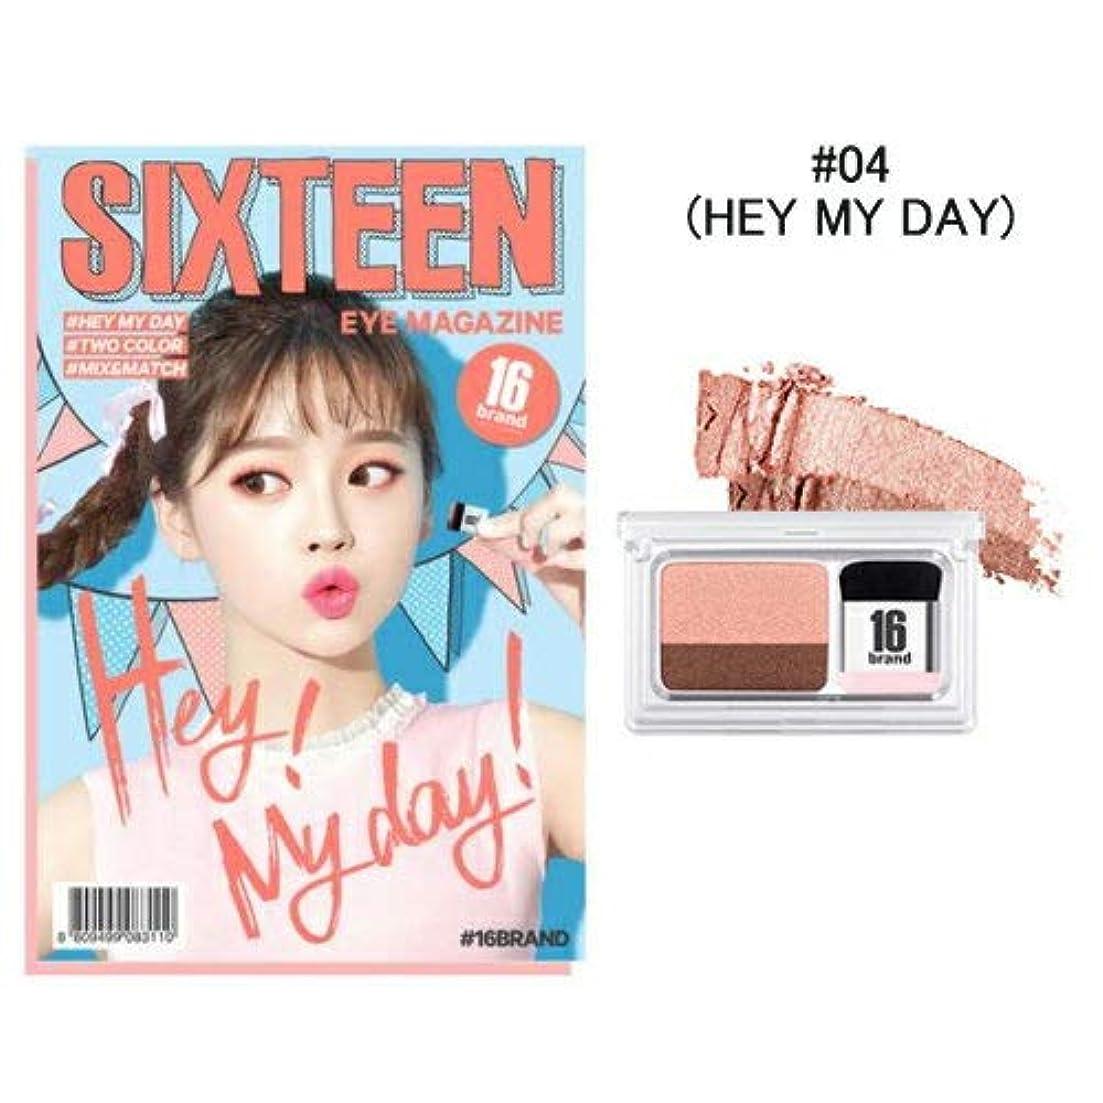 更新デンプシーポゴスティックジャンプ[New Color] 16brand Sixteen Eye Magazine 2g /16ブランド シックスティーン アイ マガジン 2g (#04 HEY MY DAY) [並行輸入品]